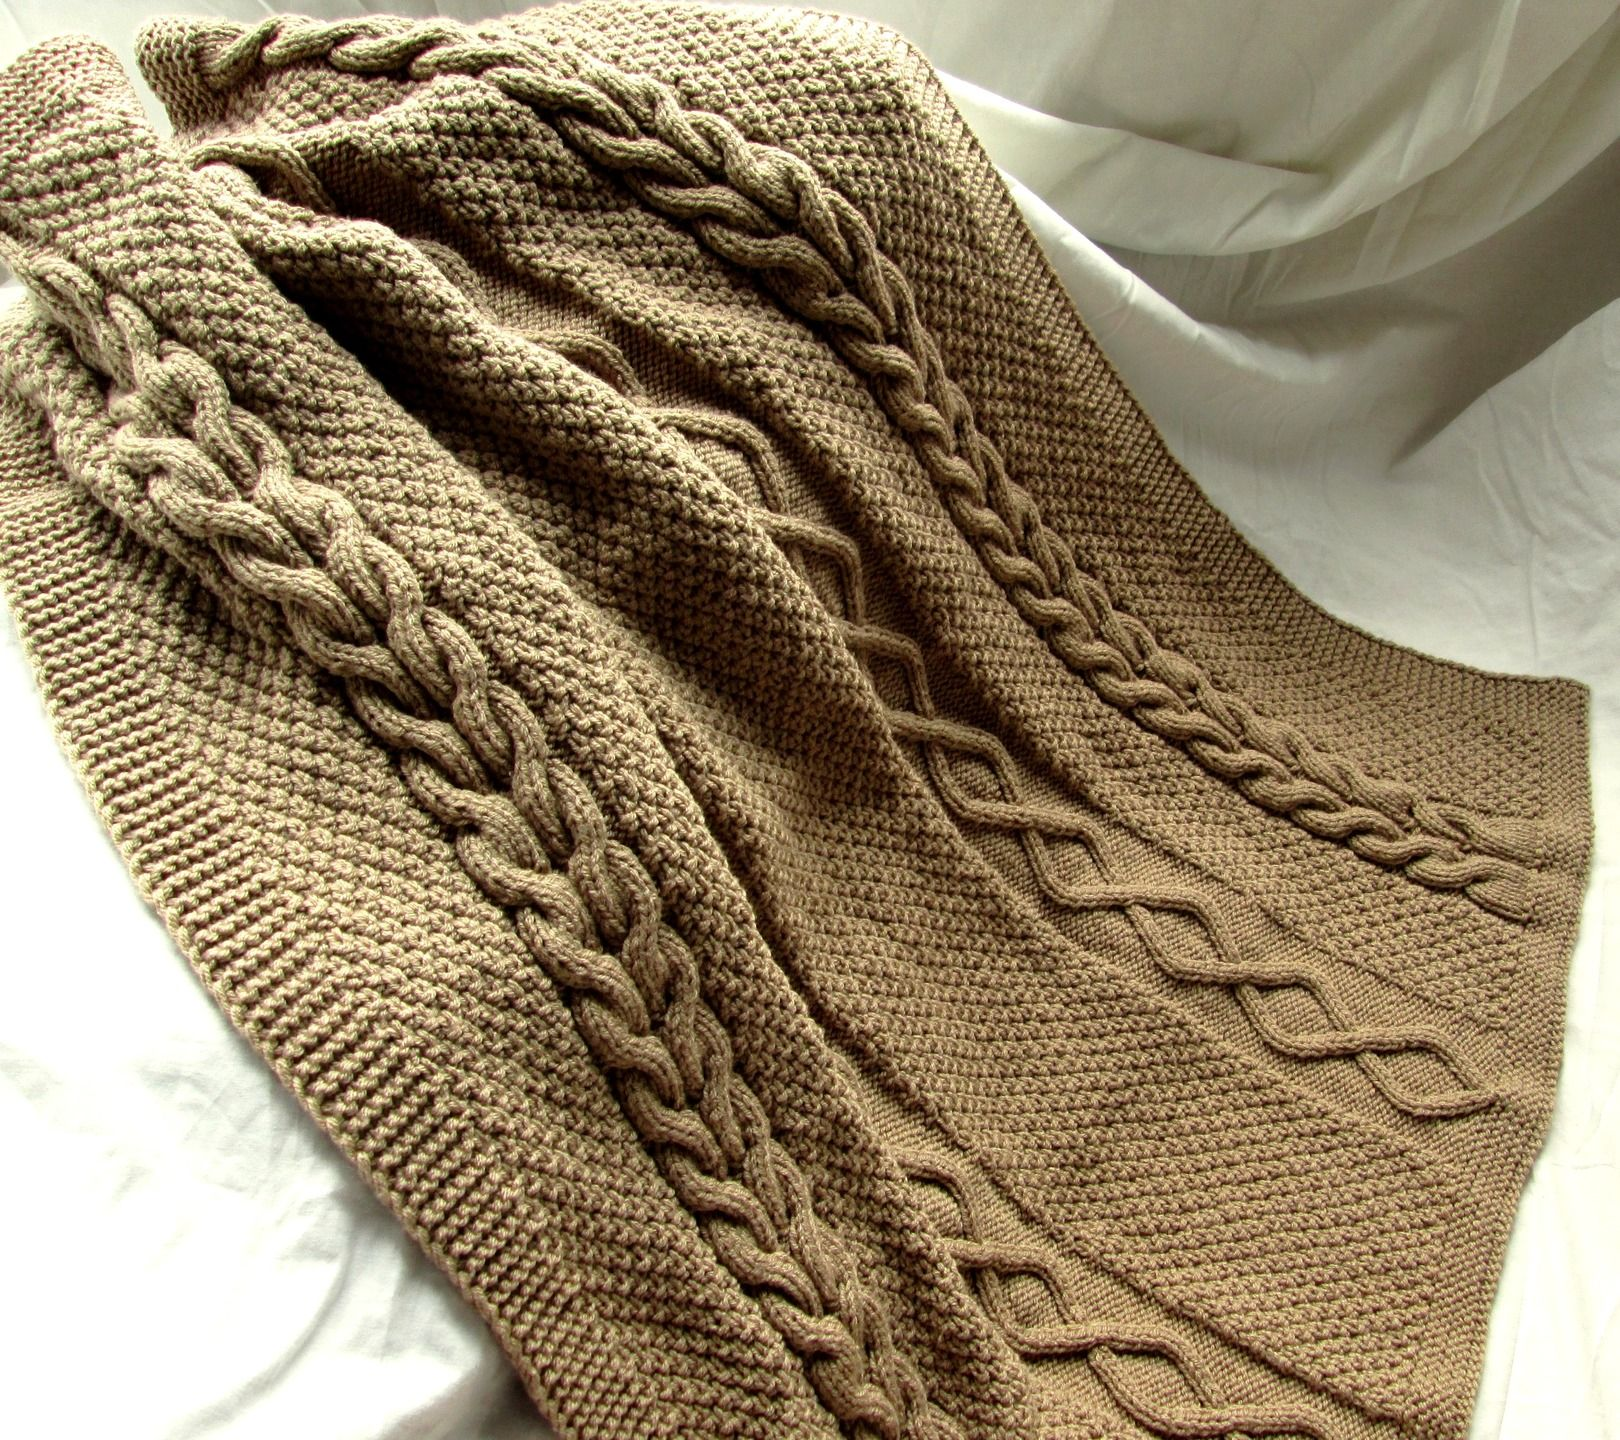 couverture petit lit ou plaid tricot fait main en grosse maille torsades irlandaises marron. Black Bedroom Furniture Sets. Home Design Ideas